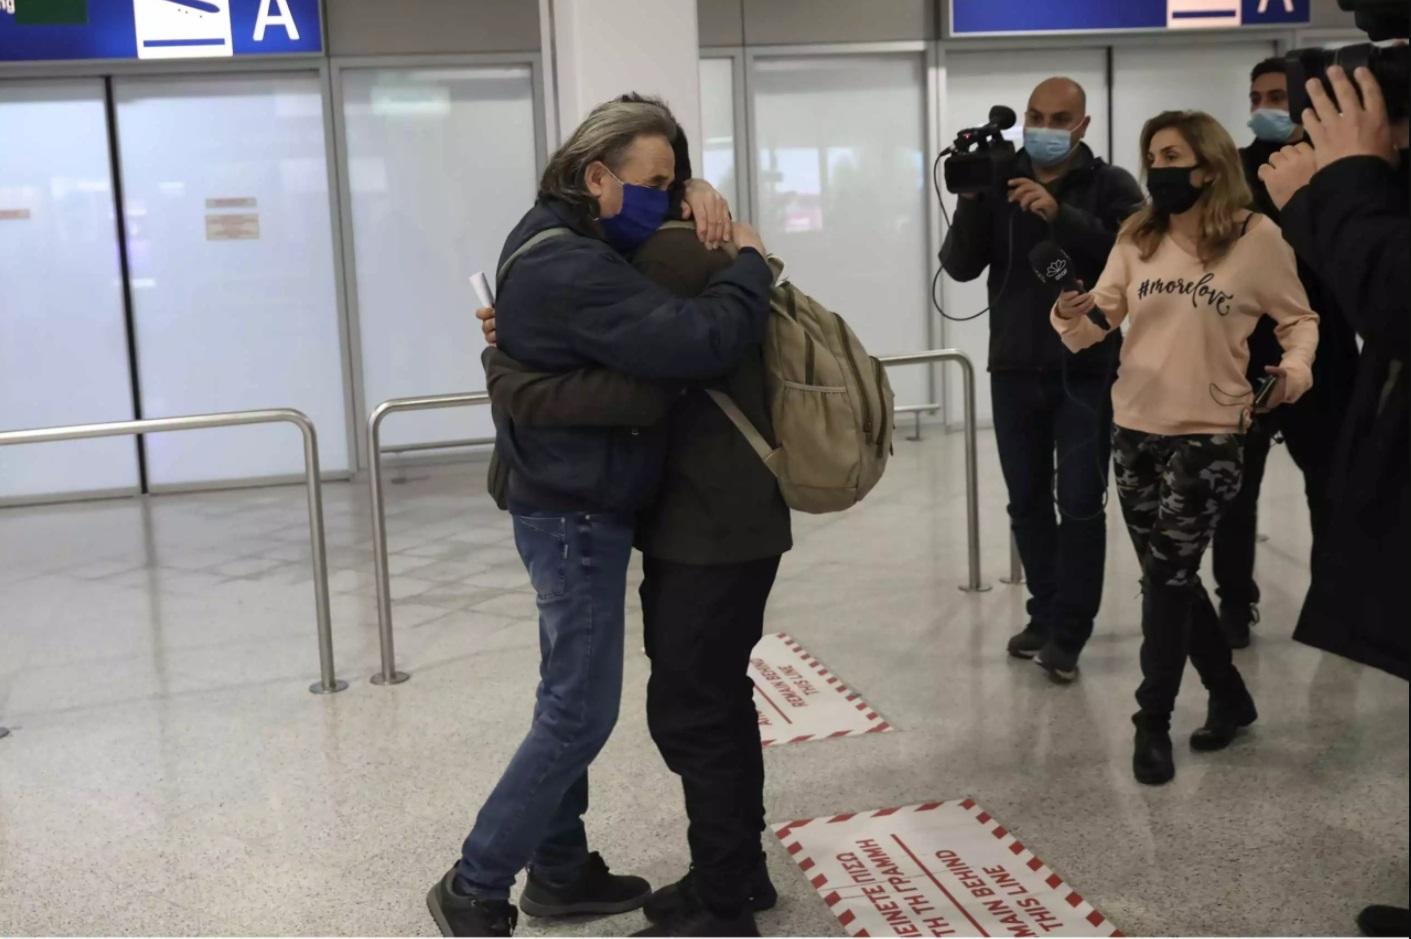 Επέστρεψαν στην Ελλάδα οι τρεις ναυτικοί που είχαν απαχθεί από πειρατές στη Νιγηρία (video) - e-Nautilia.gr | Το Ελληνικό Portal για την Ναυτιλία. Τελευταία νέα, άρθρα, Οπτικοακουστικό Υλικό